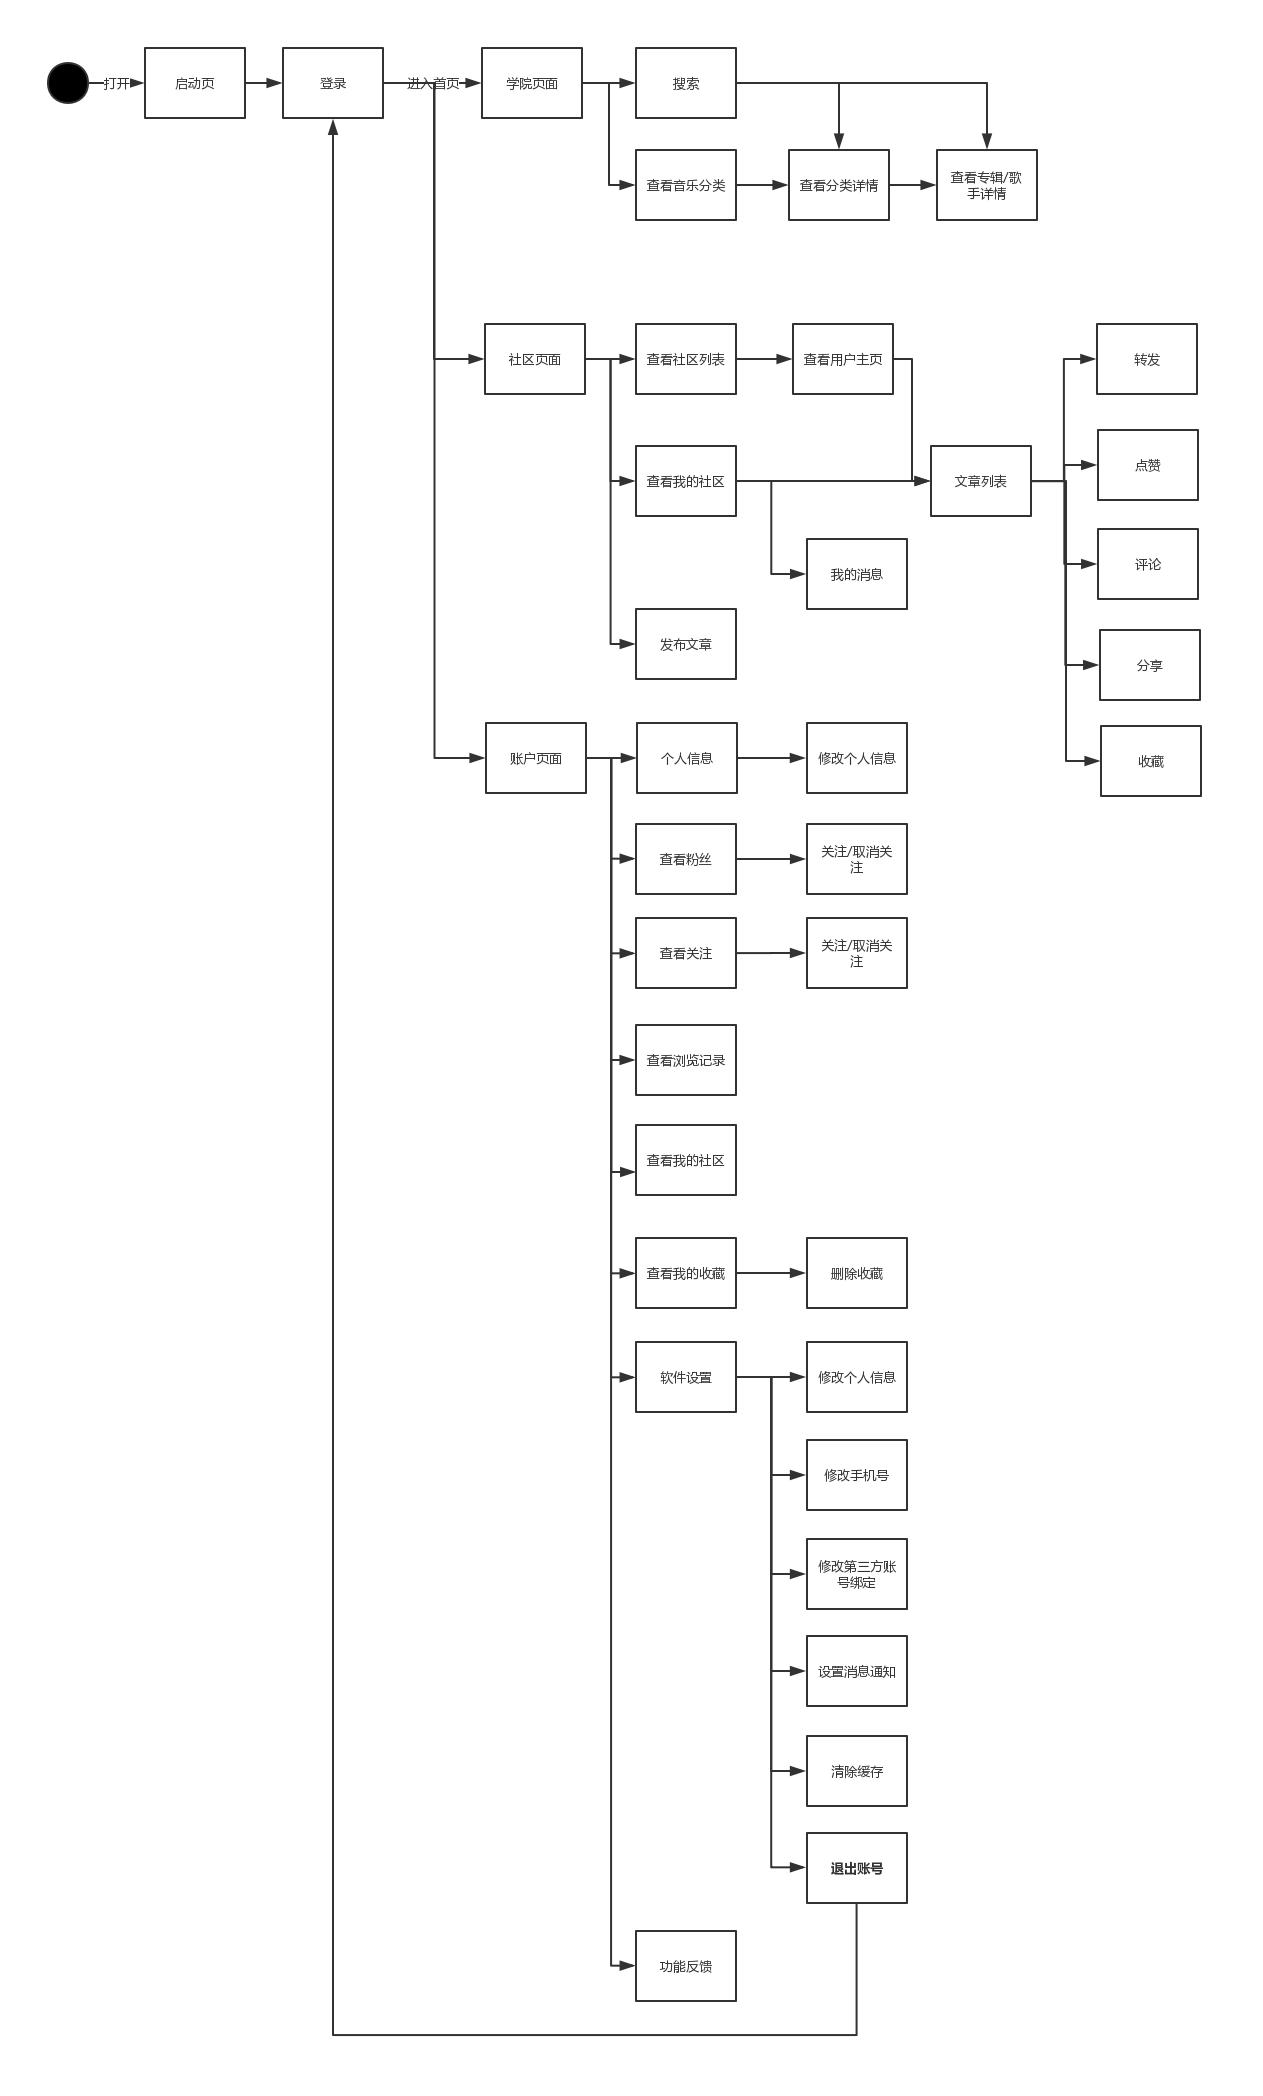 物流公司组织结构图